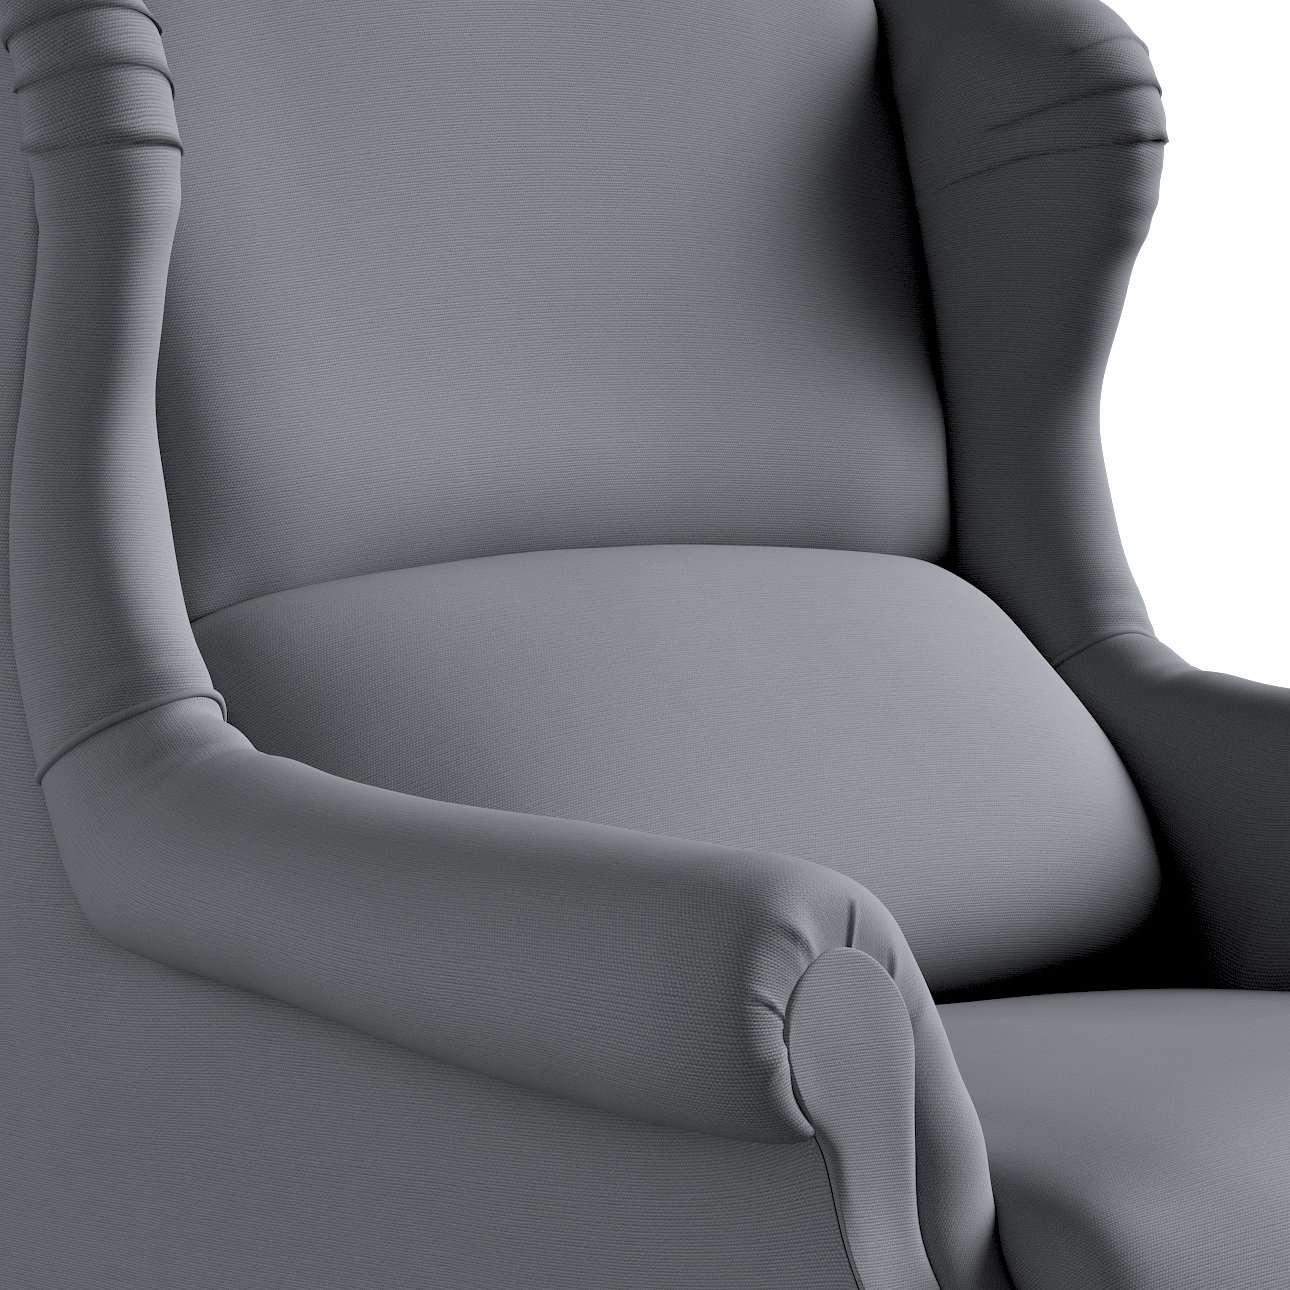 Sessel 63 x 115 cm von der Kollektion Cotton Panama, Stoff: 702-07